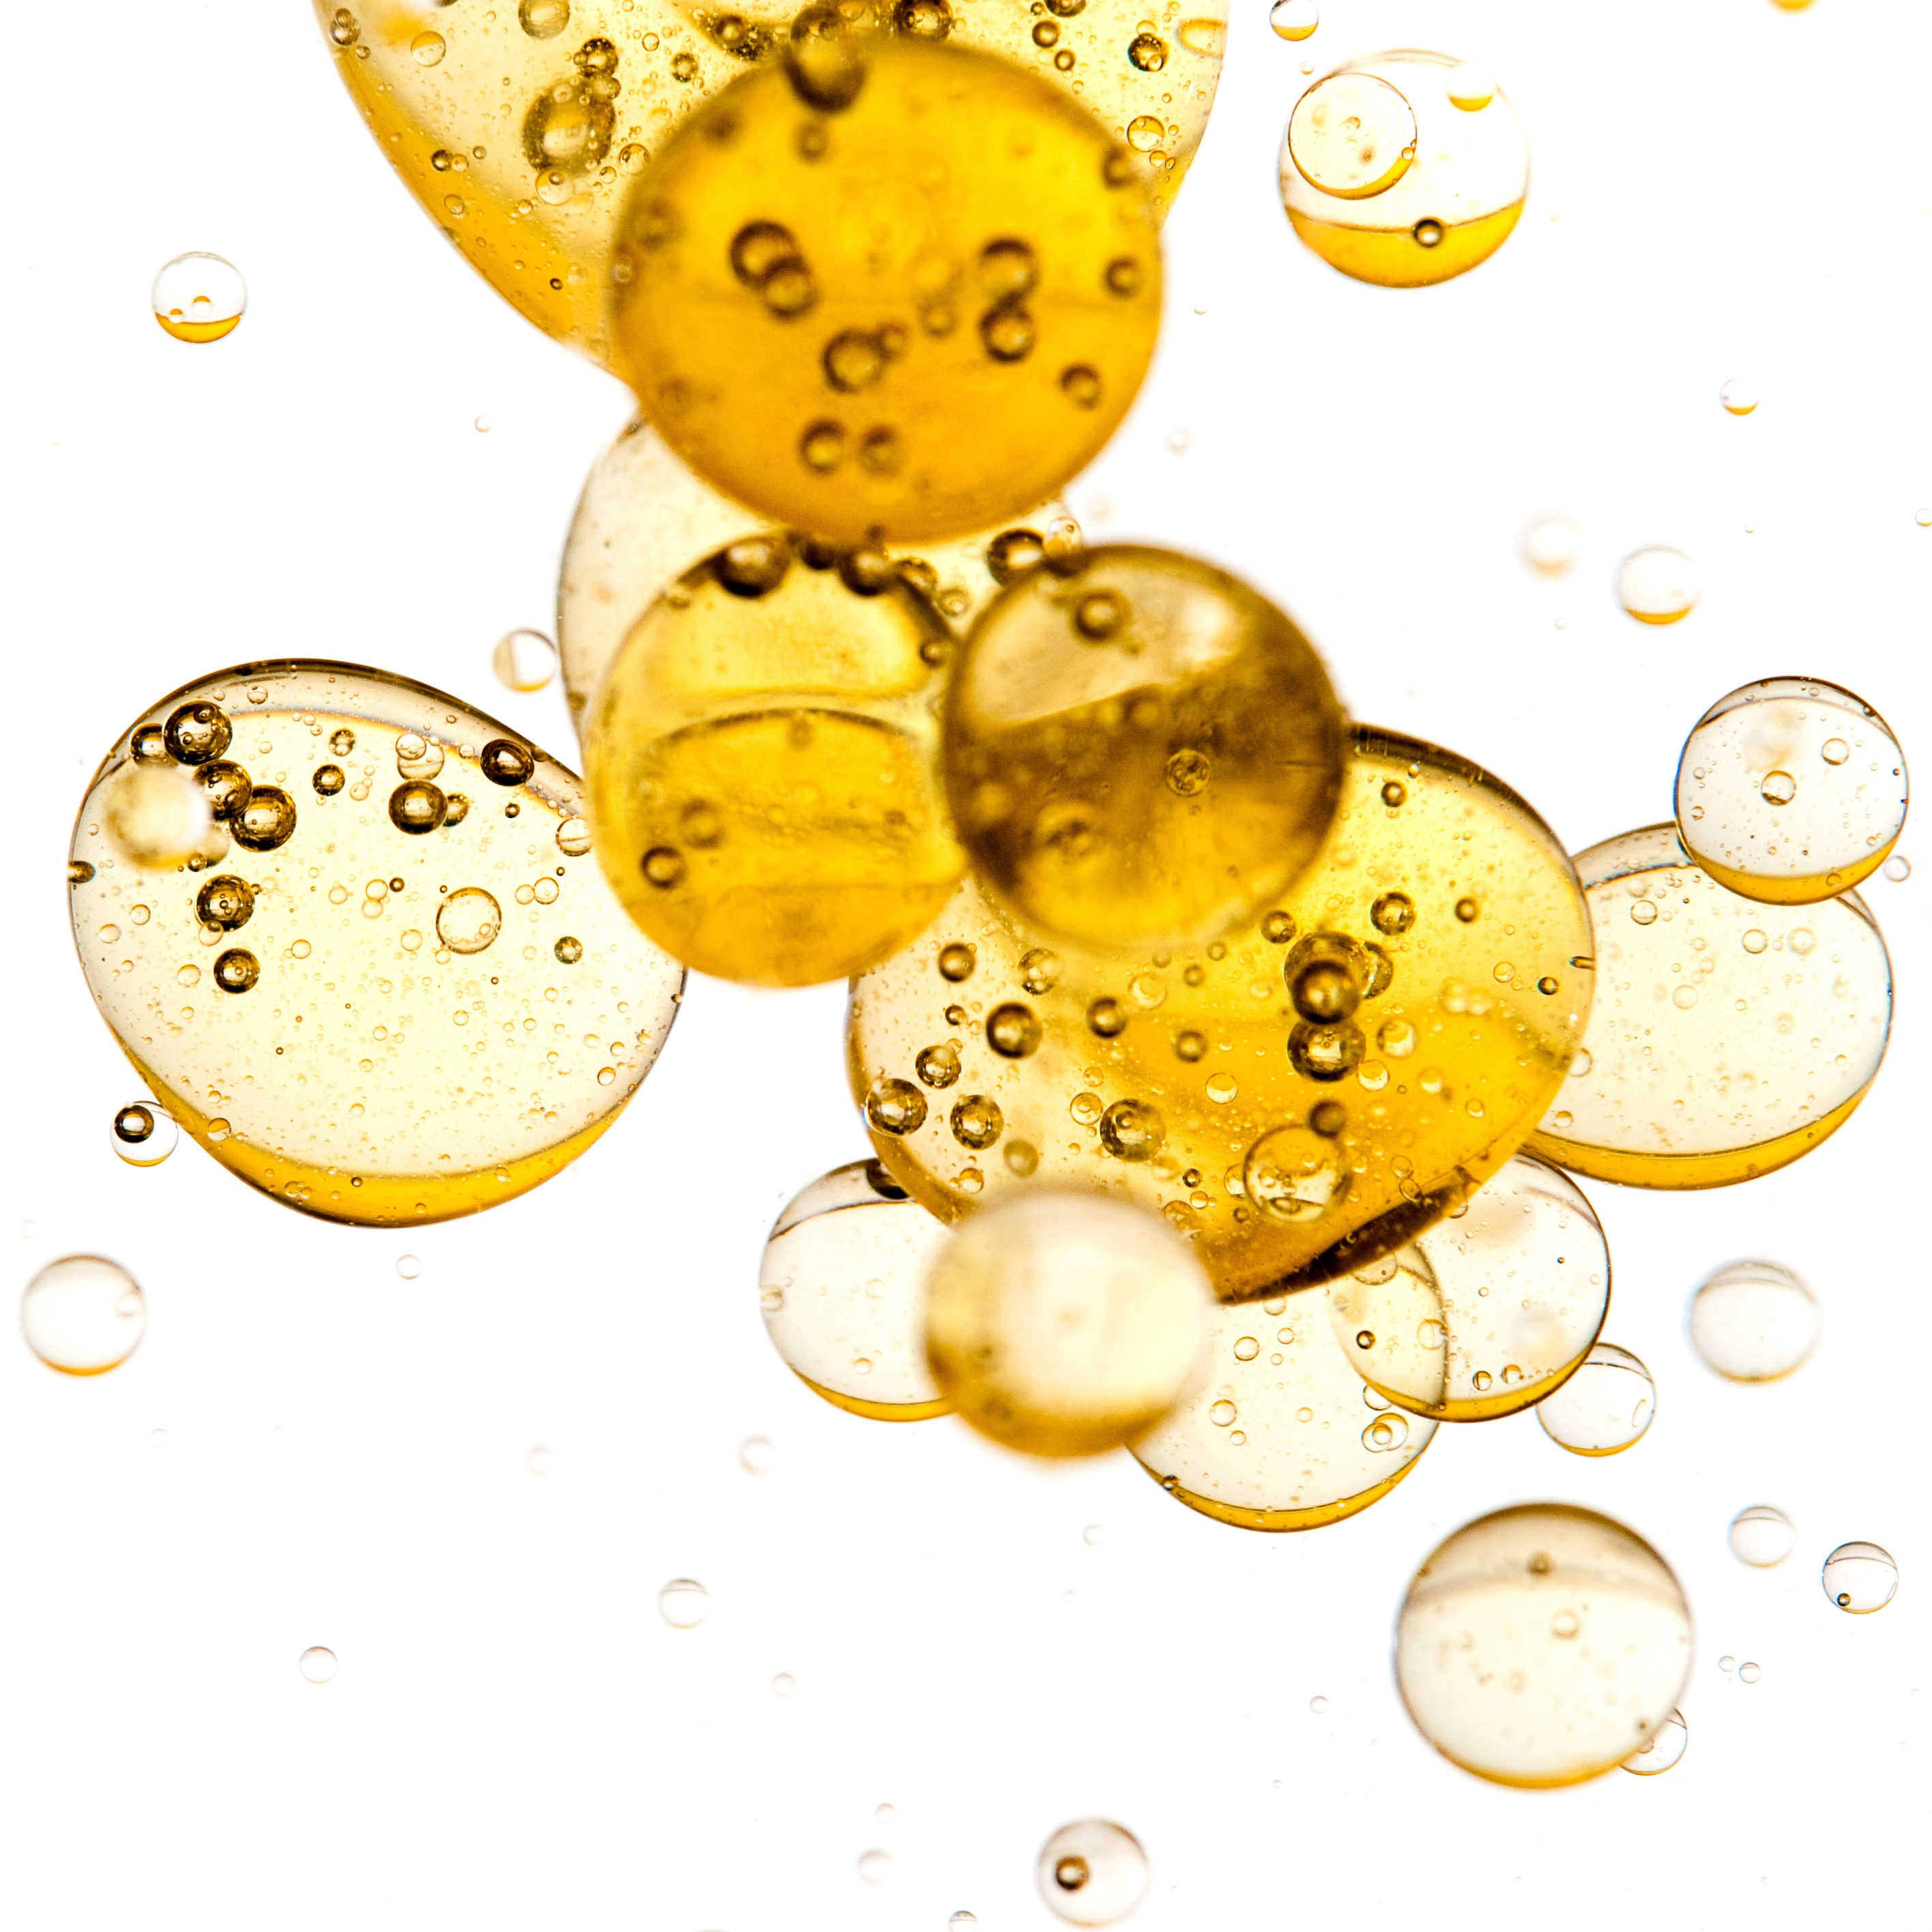 Oil_in_water_image.jpg